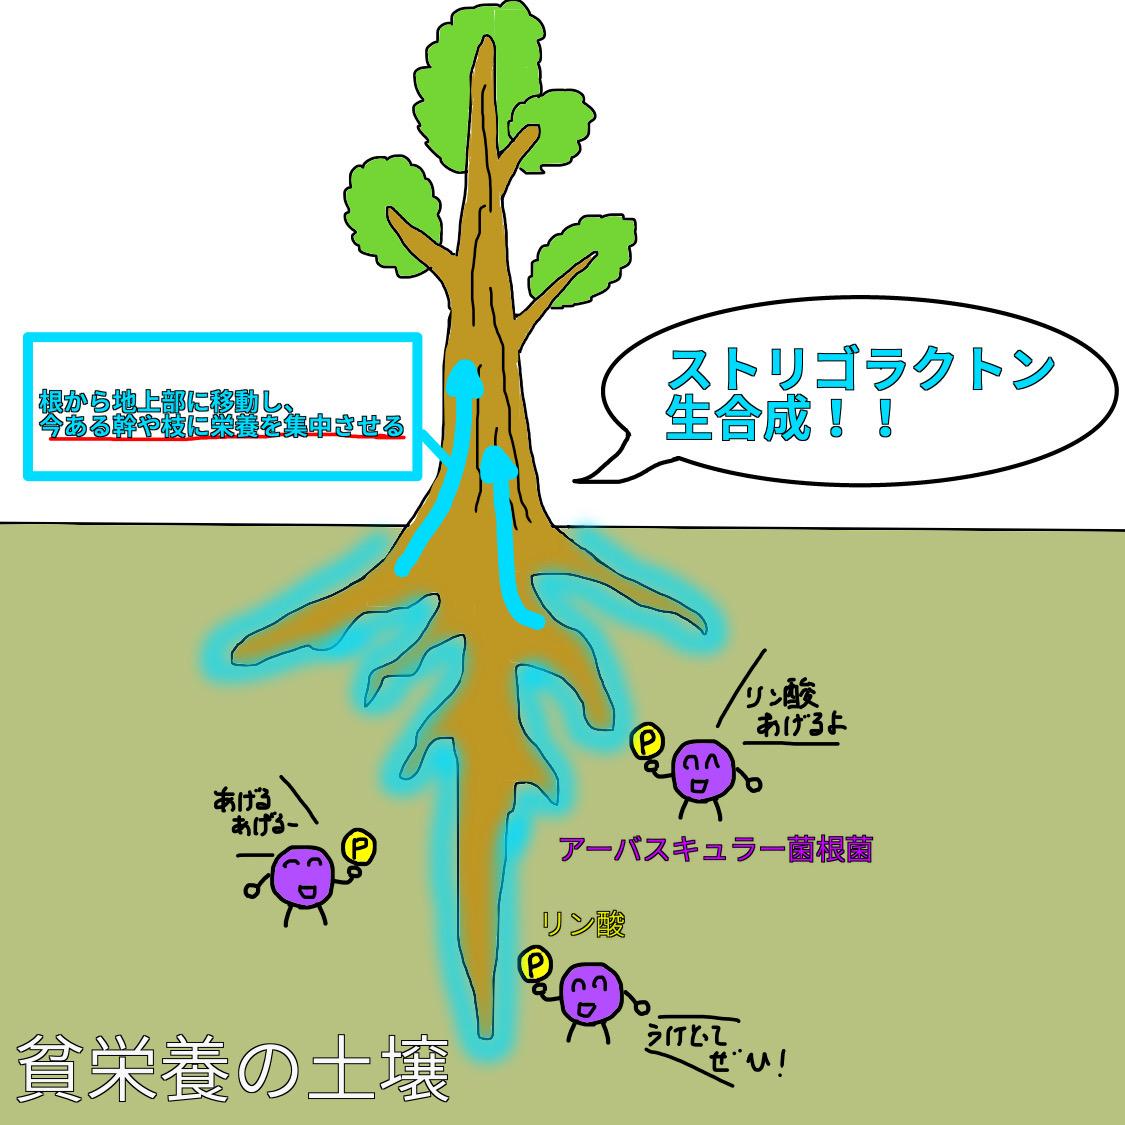 f:id:BambooBornY:20201201205625j:plain